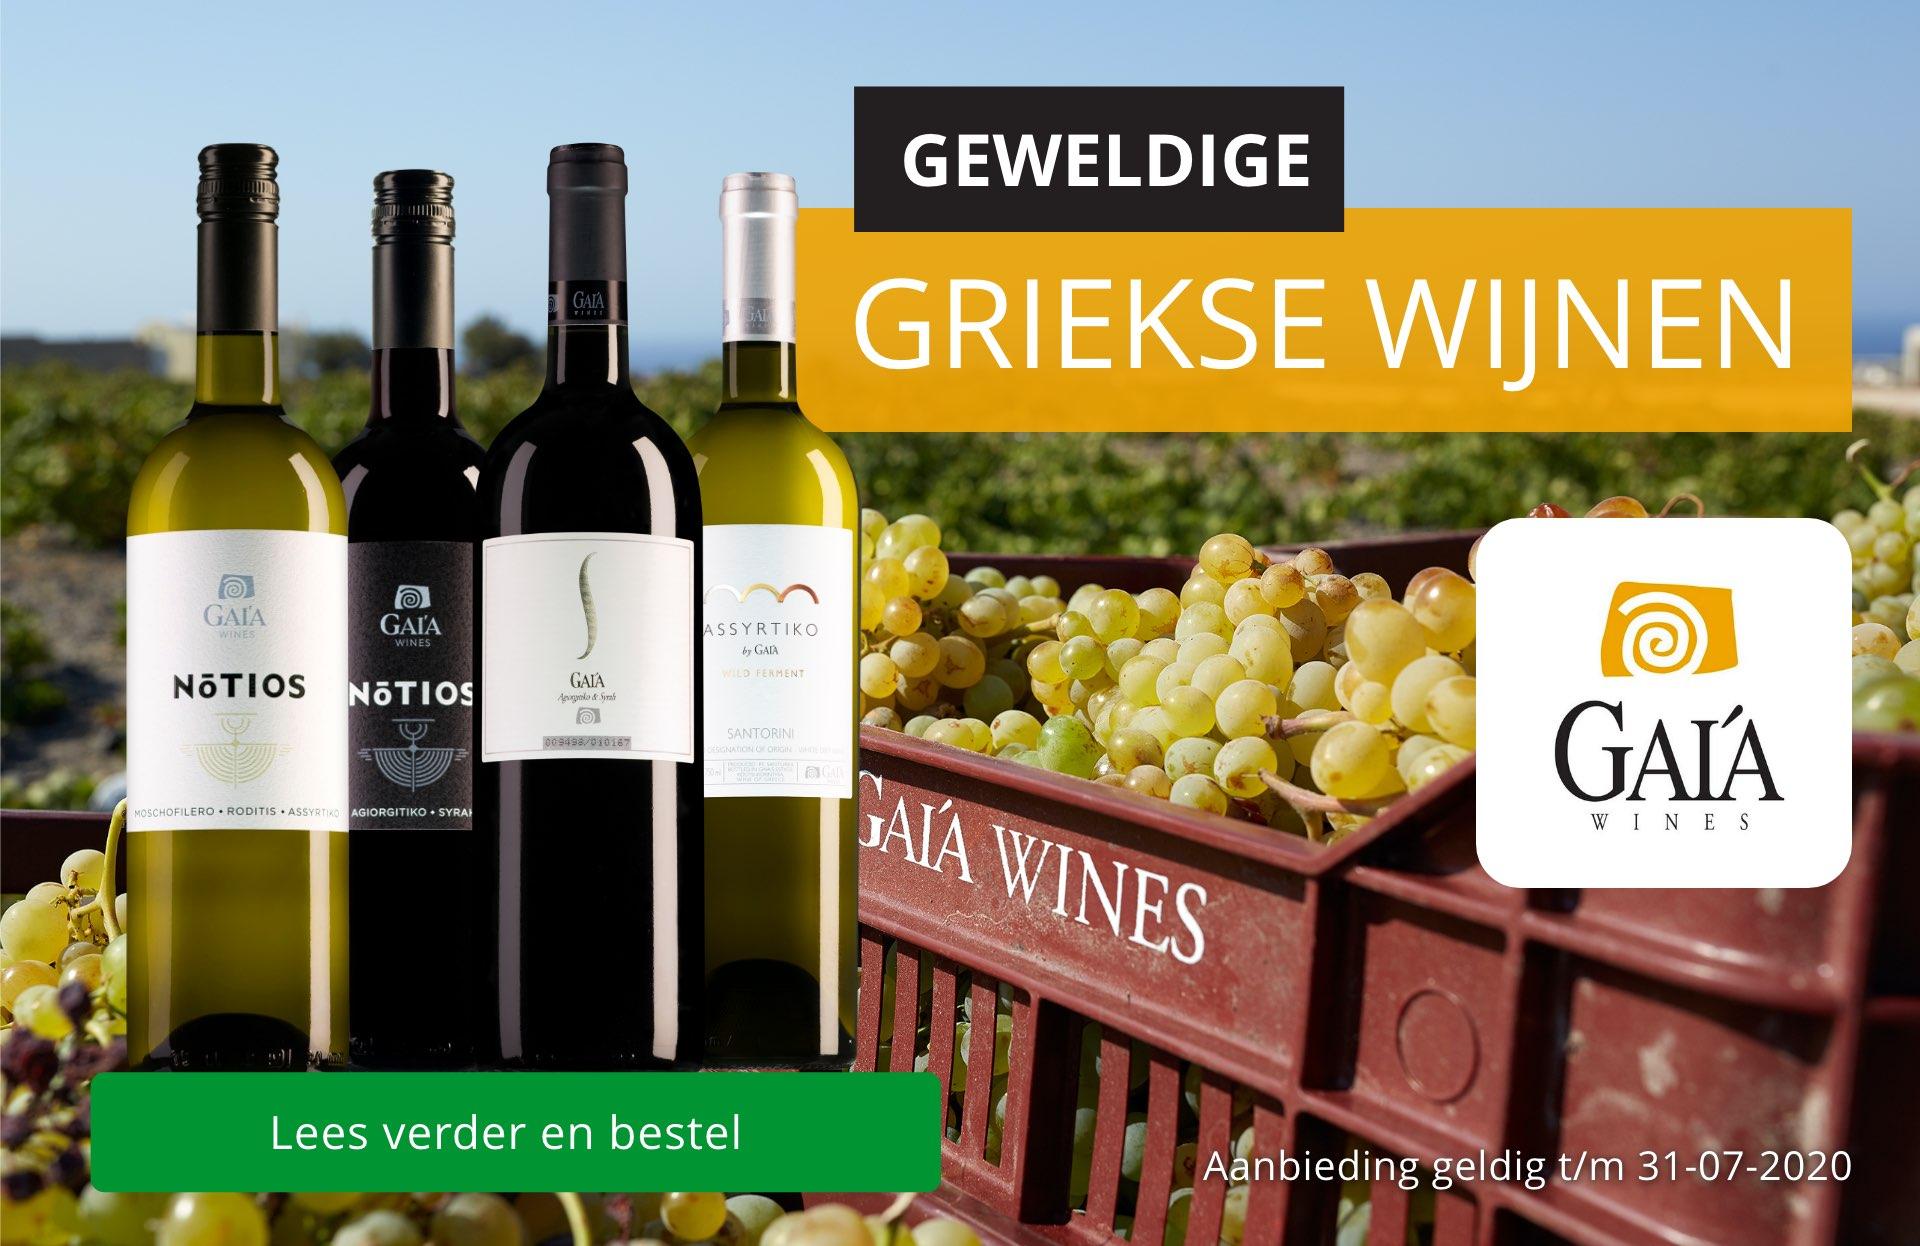 Geweldige Griekse wijnen van Gaia